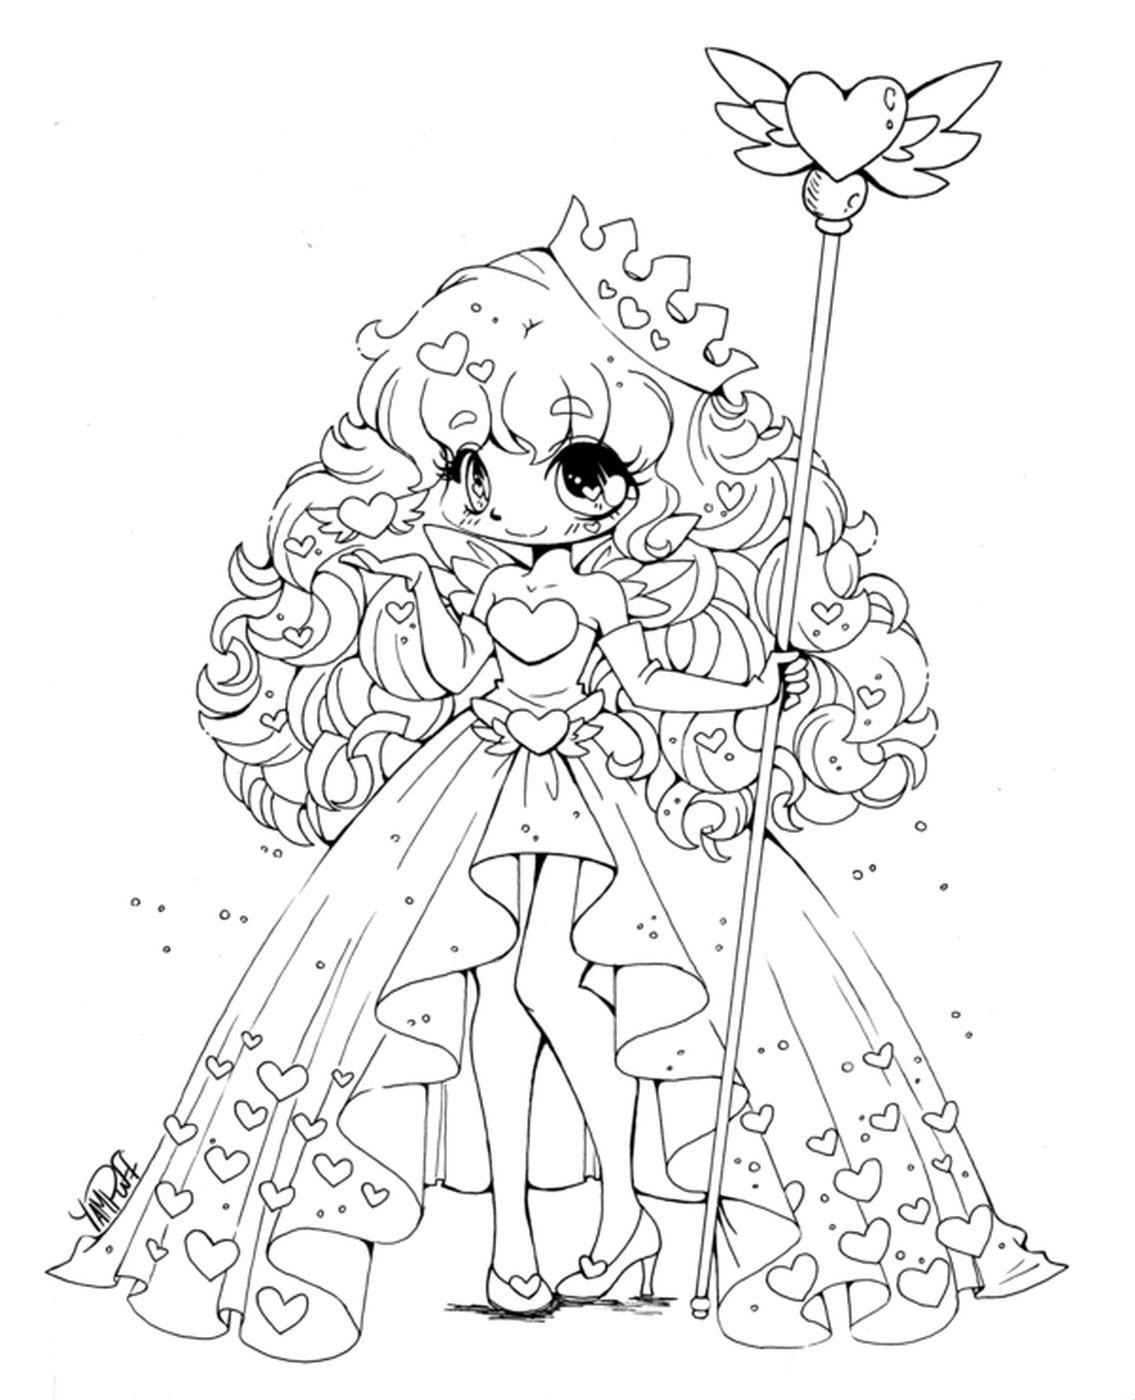 Tranh tô màu công chúa anime cầm quyền trượng